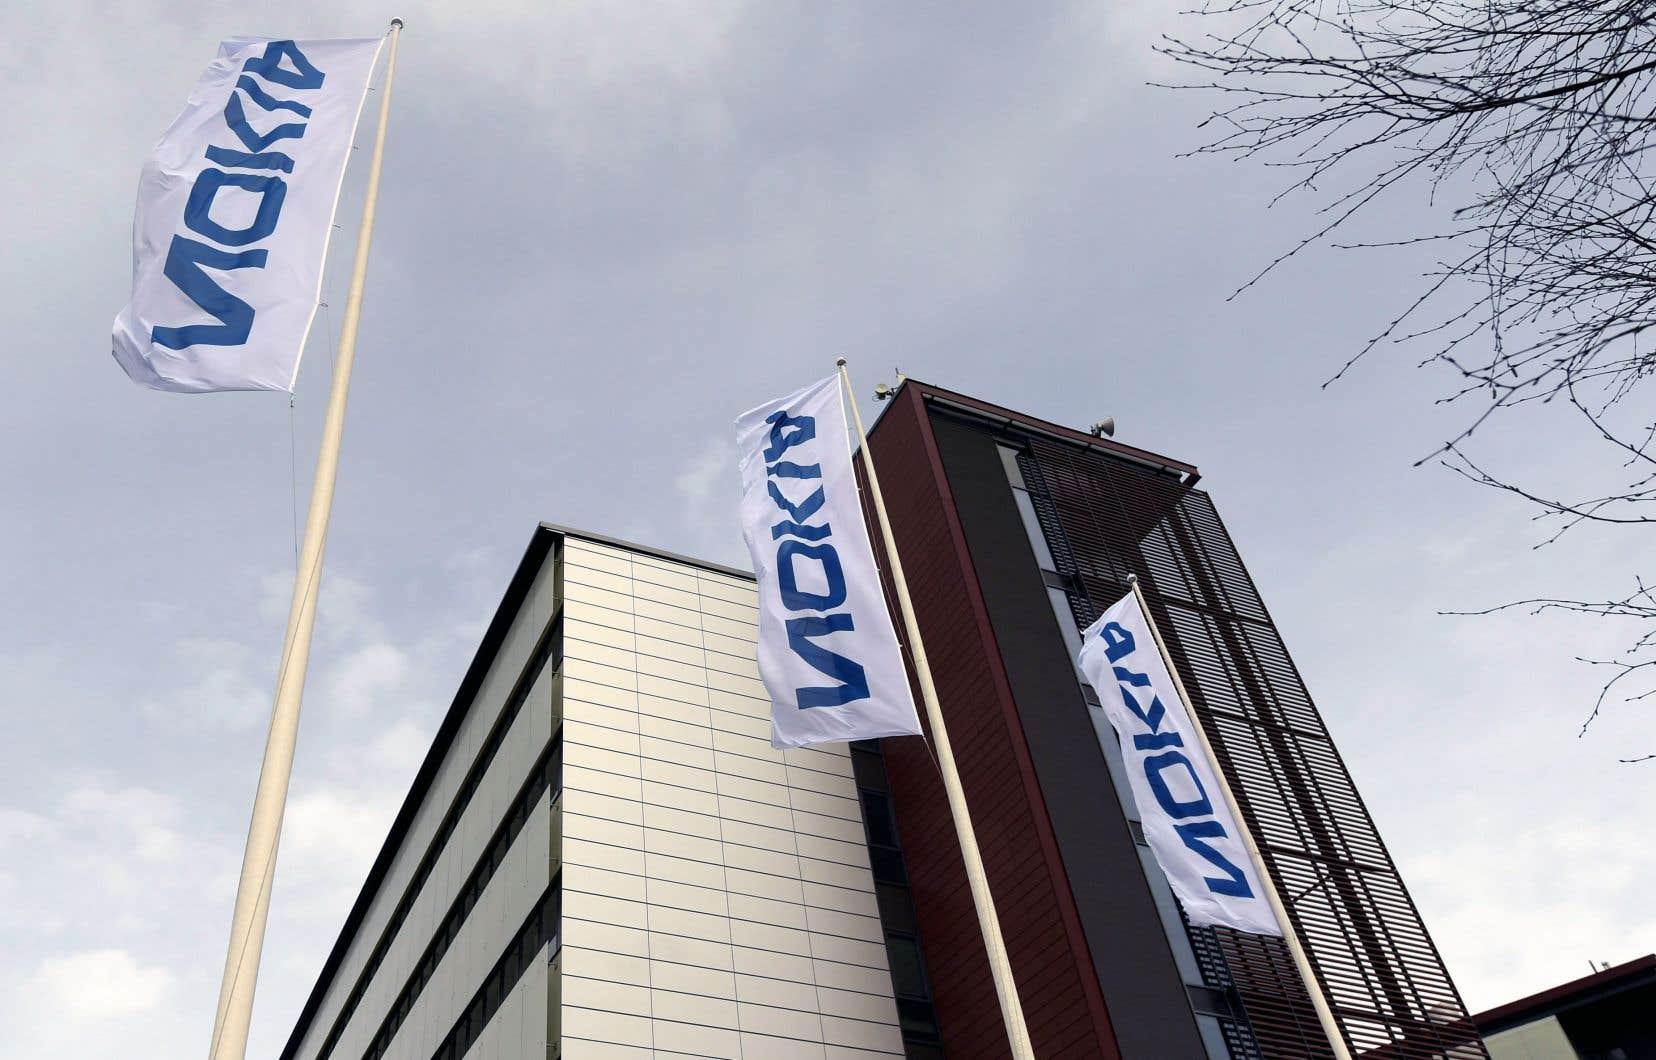 Bell a sélectionné la finlandaiseNokia comme fournisseurpour son réseau sans fil de cinquième génération.